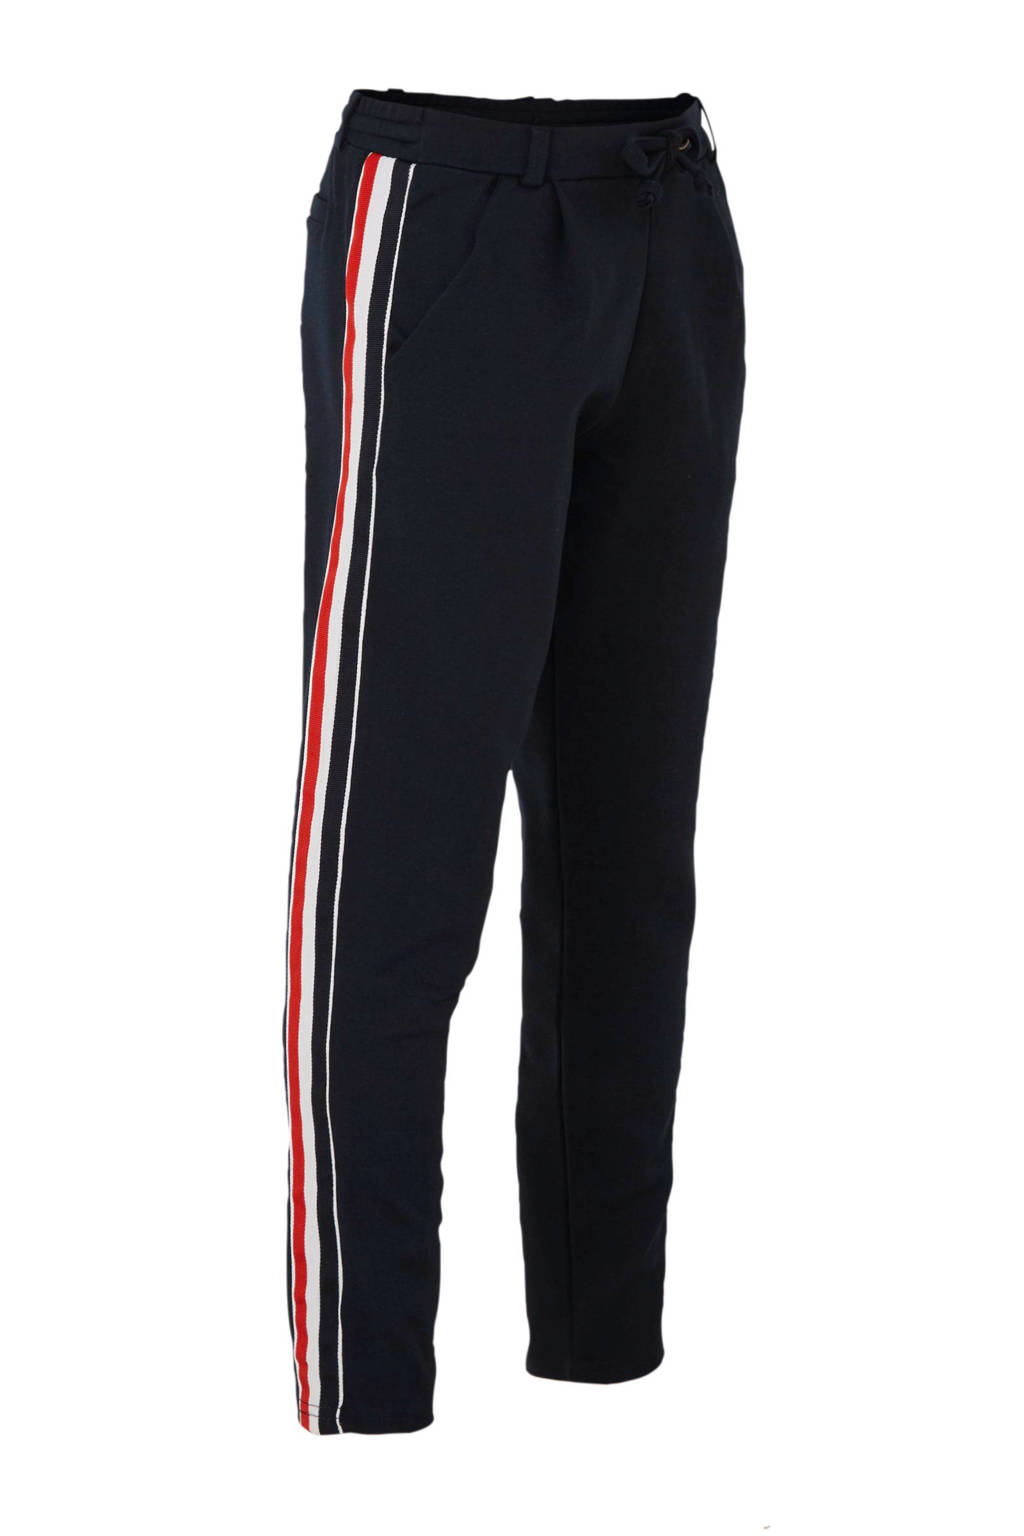 LTB joggingbroek Jowose met zijstreep donkerblauw/wit/rood, Donkerblauw/wit/rood